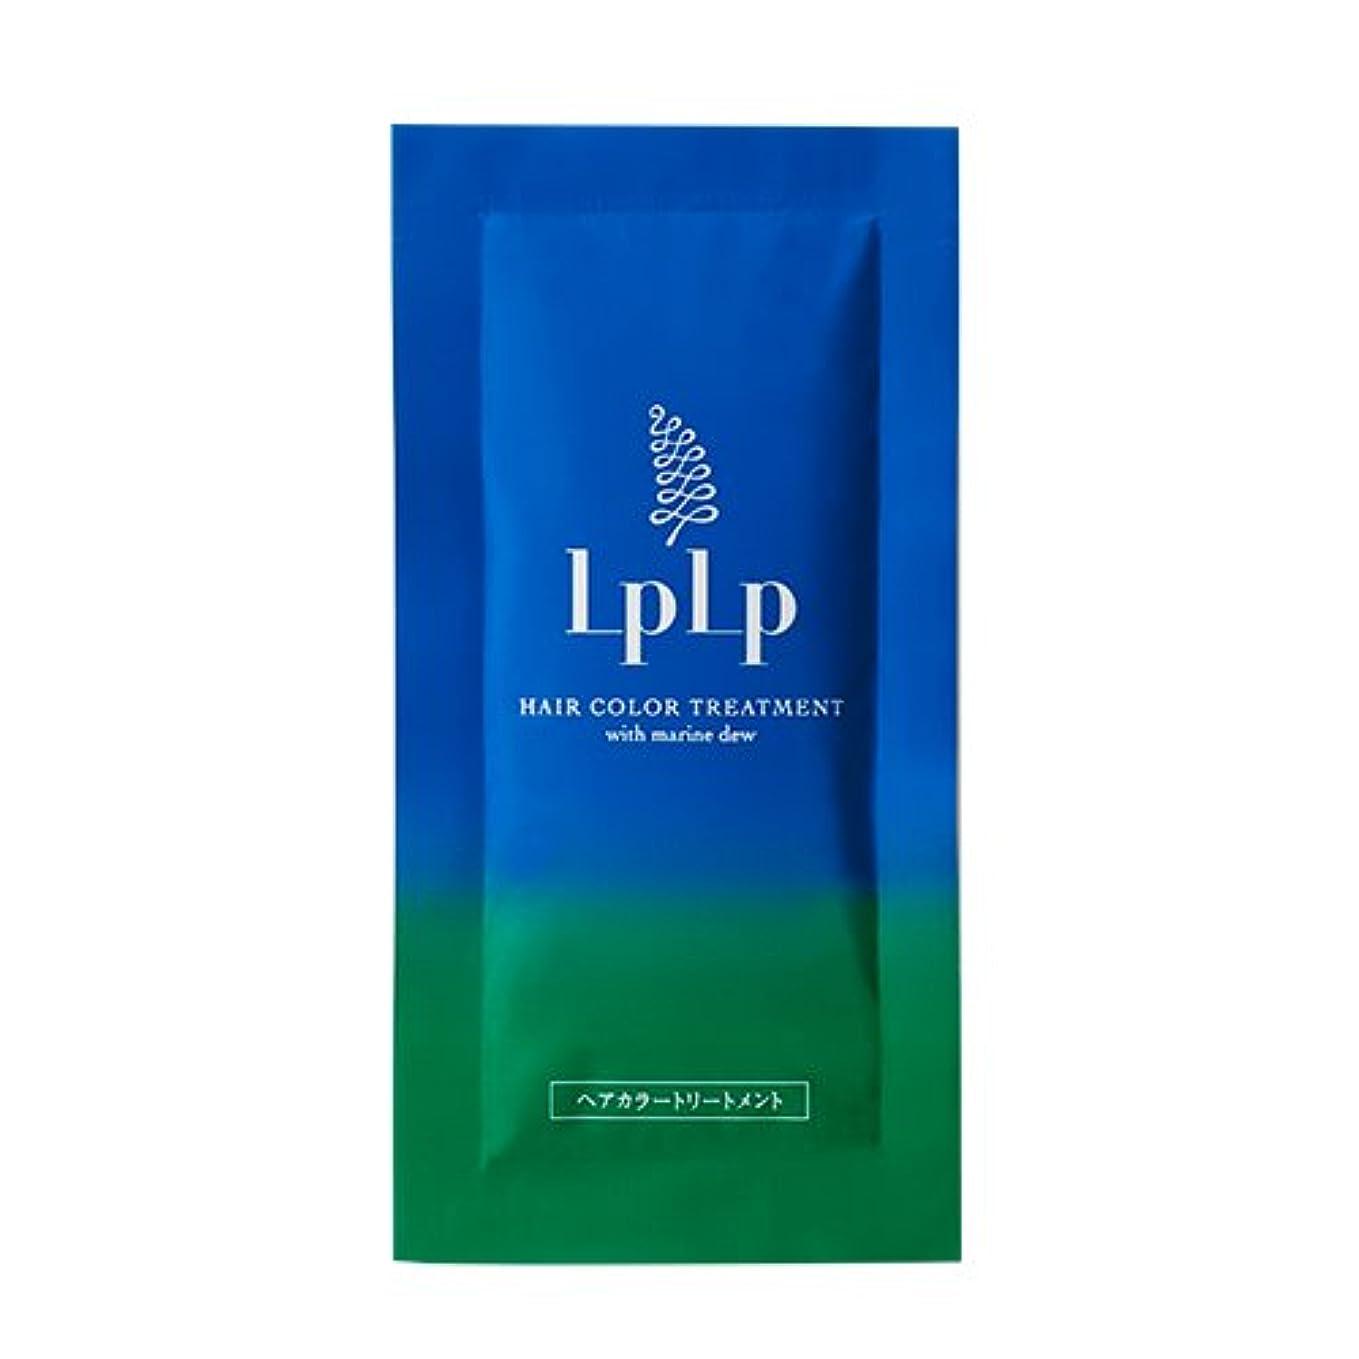 マーティンルーサーキングジュニアベイビー戦士LPLP(ルプルプ)ヘアカラートリートメントお試しパウチ ブラウン